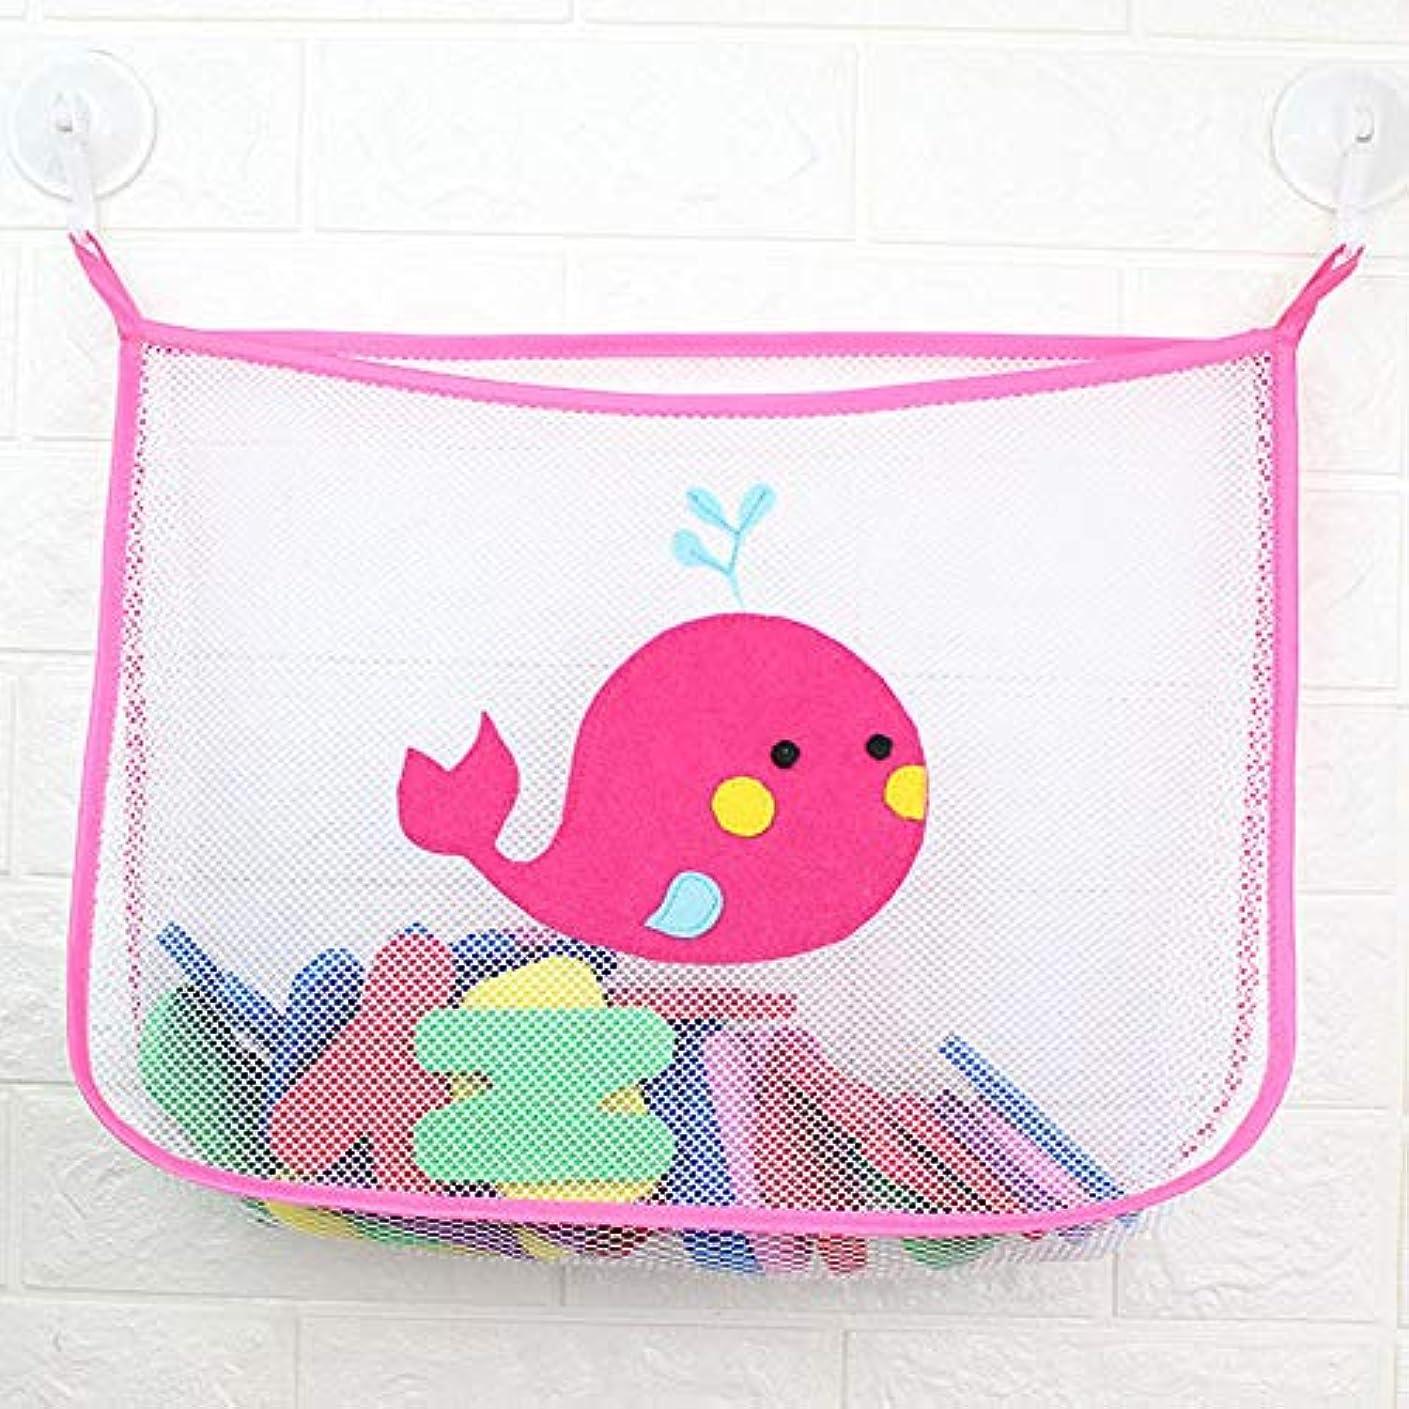 敵意ペイント有彩色のベビーシャワー風呂のおもちゃ小さなアヒル小さなカエルの赤ちゃん子供のおもちゃ収納メッシュで強い吸盤玩具バッグネット浴室オーガナイザー (ピンク)